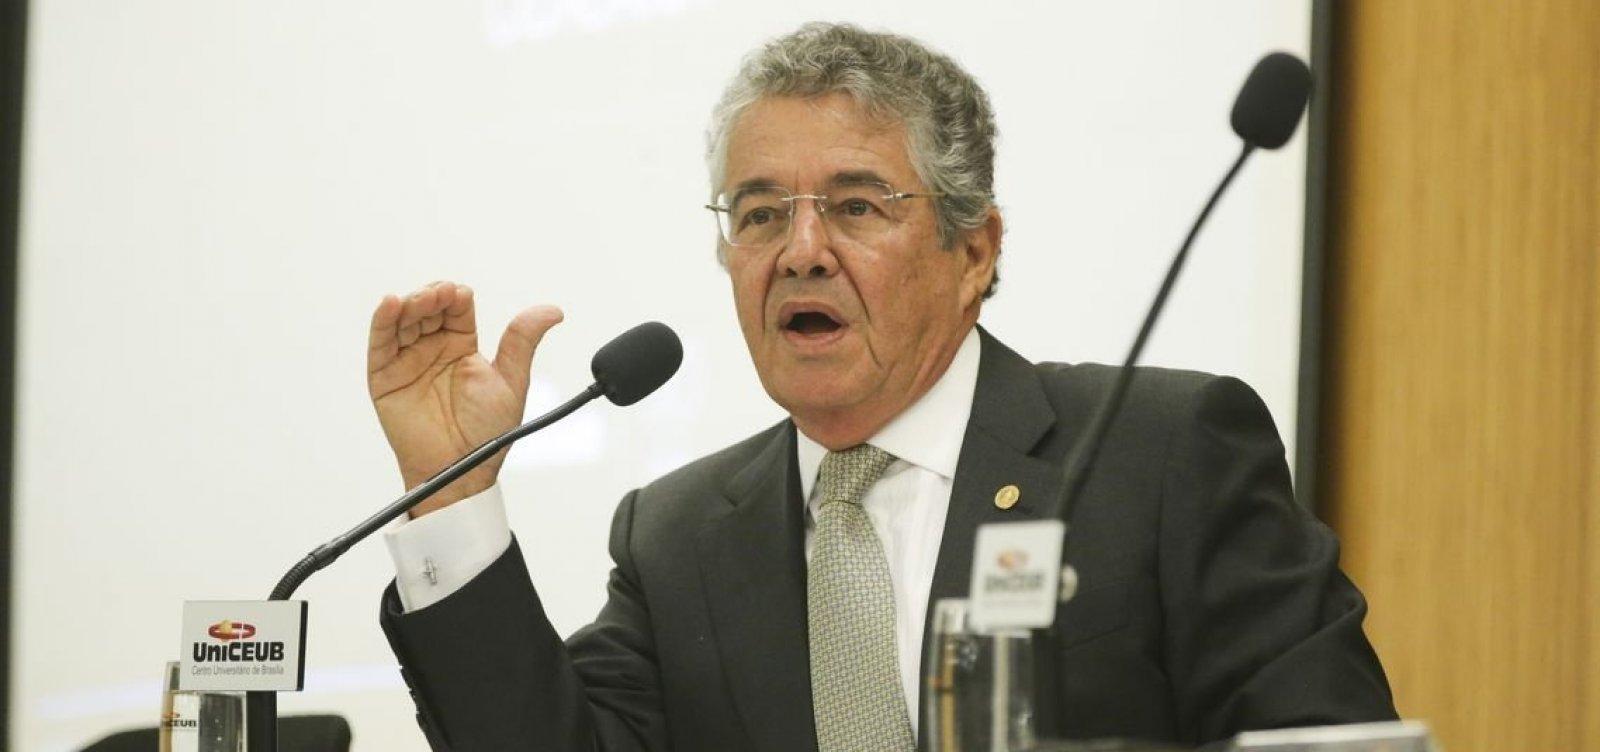 'Estão solapando a democracia', diz Marco Aurélio sobre fala de Eduardo